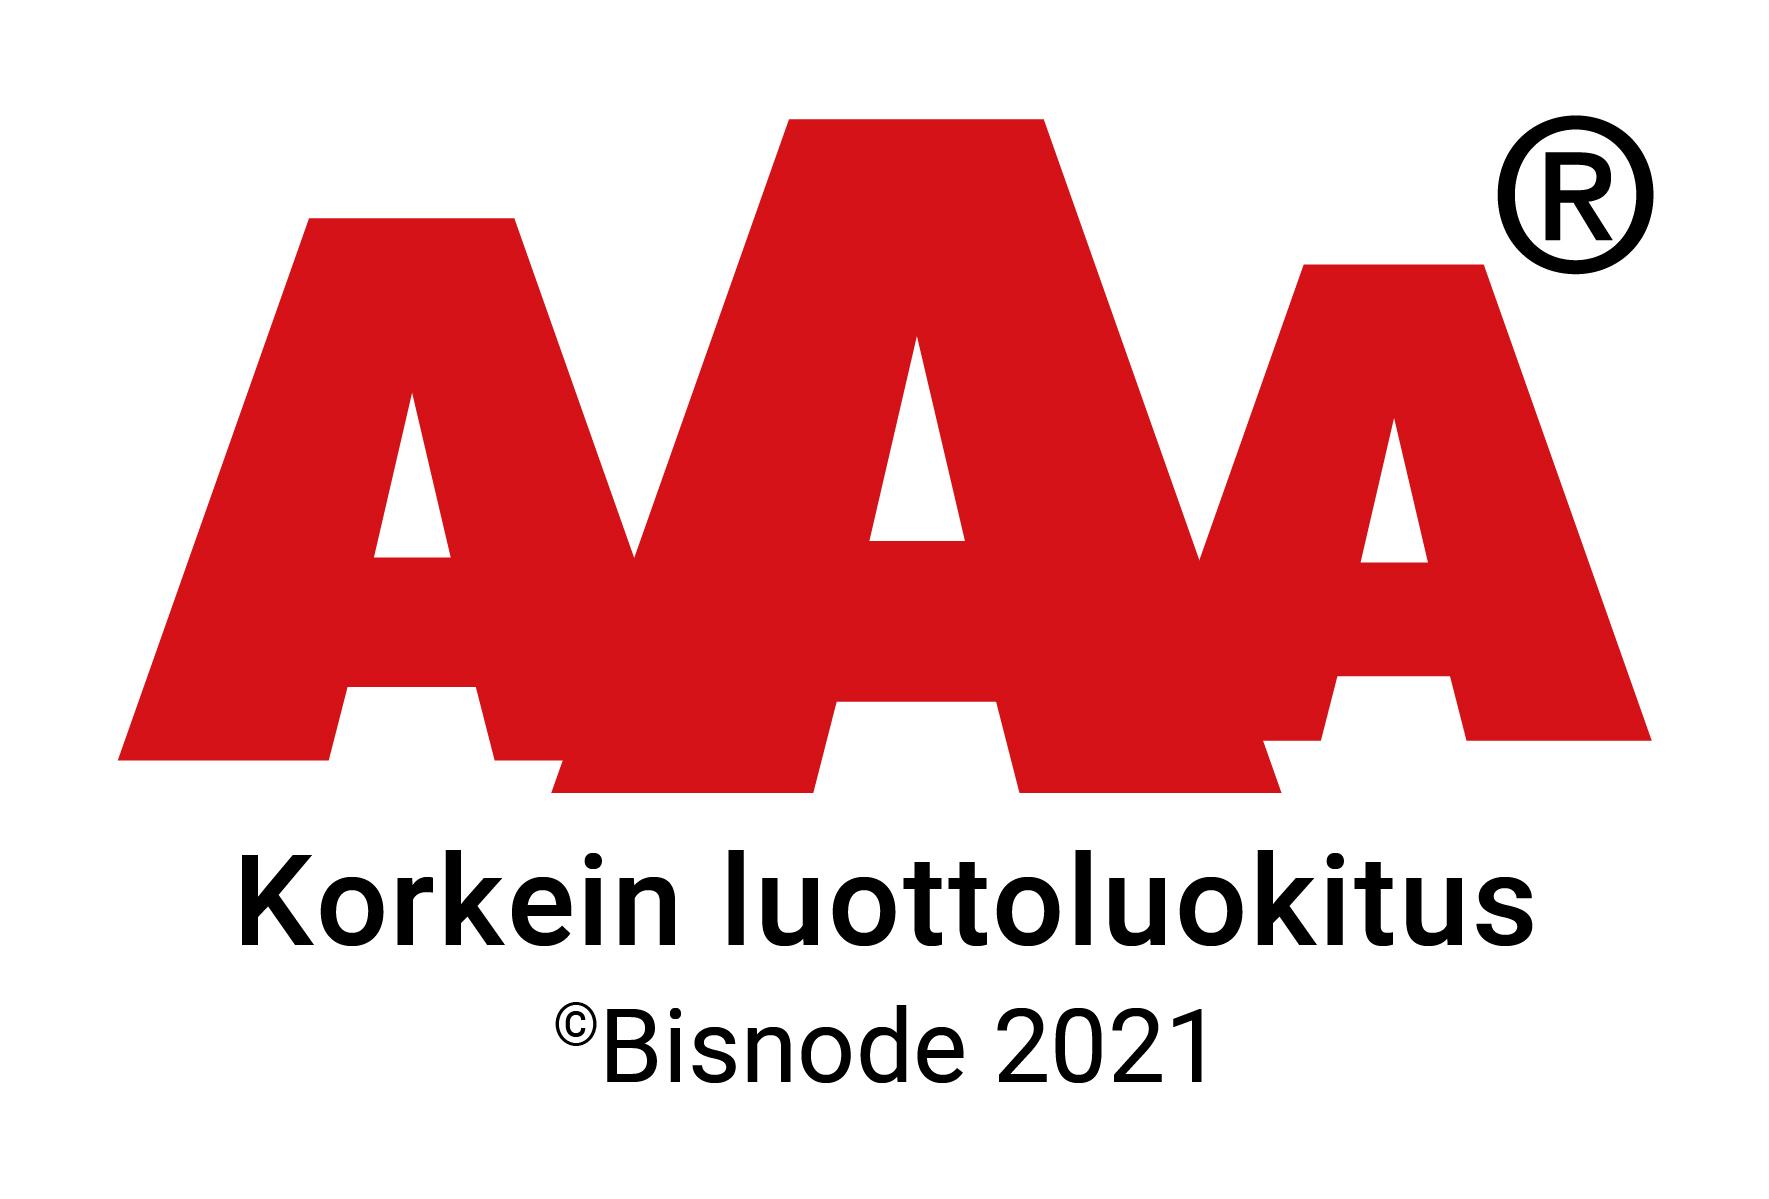 AAA-logo-2021-FI-01